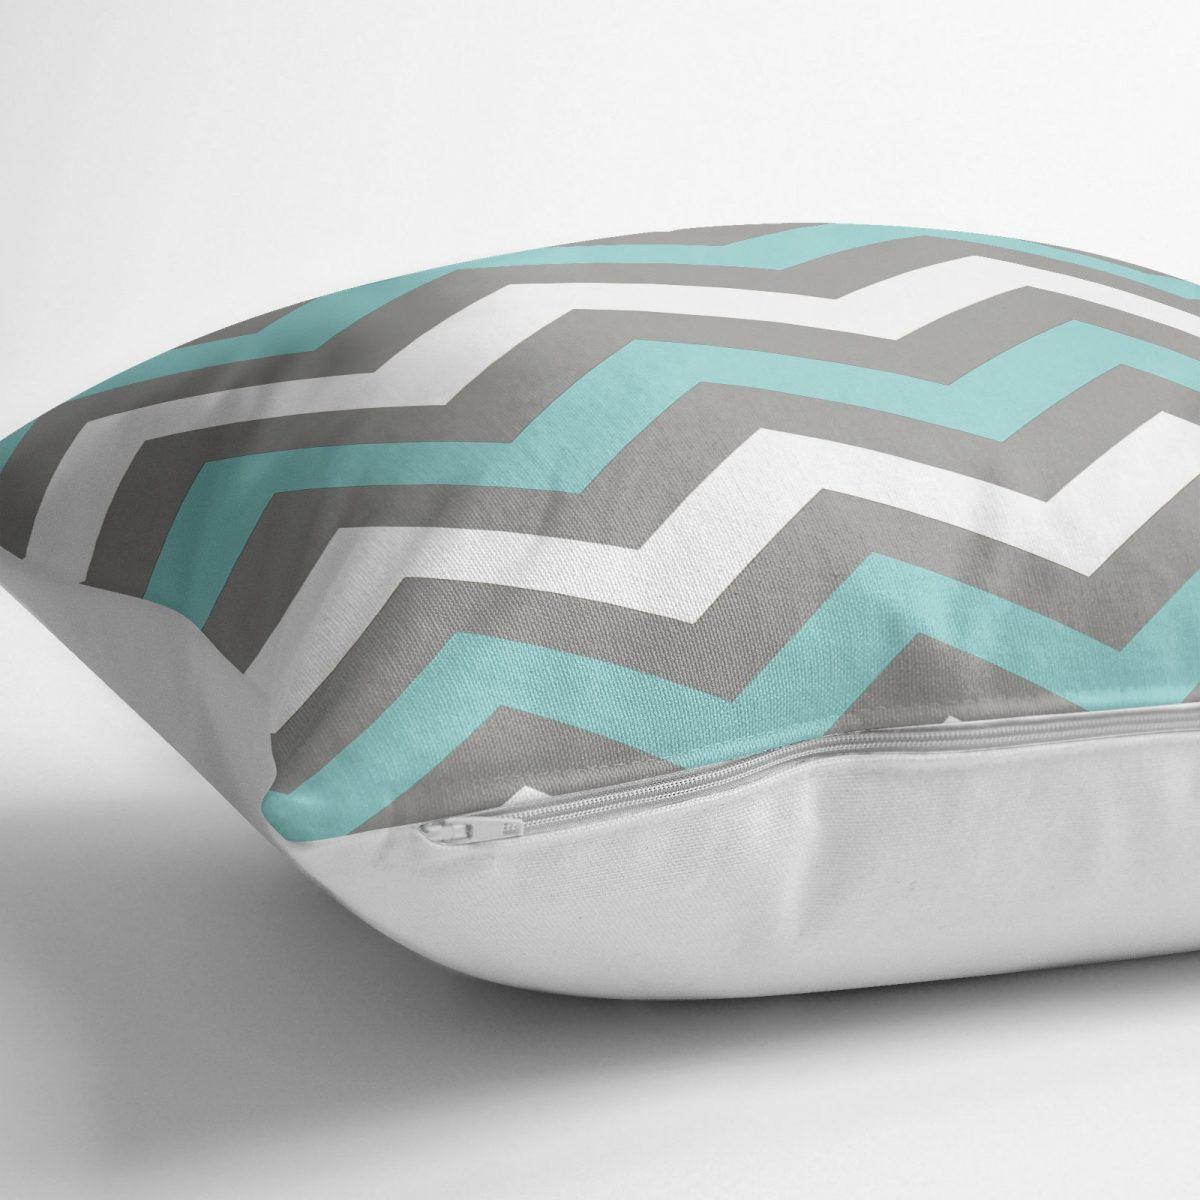 Gri Turkuaz Zigzag Desenli Dijital Baskılı Dekoratif Yer Minderi - 70 x 70 cm Realhomes